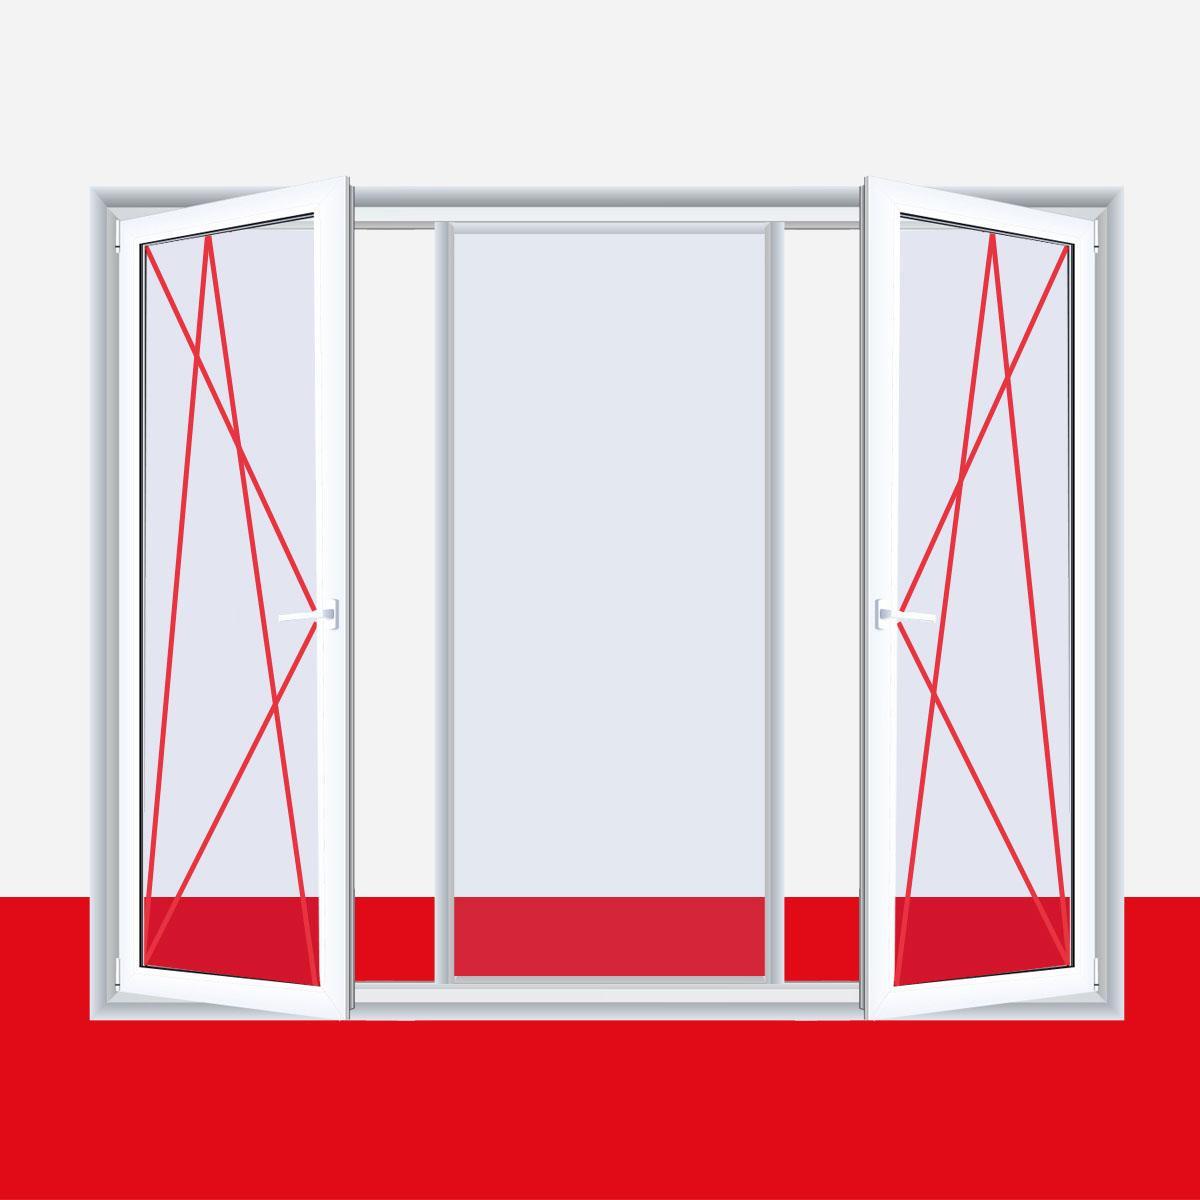 Full Size of Fenster Braun Sichtschutzfolie Köln Aluminium Online Konfigurator Dachschräge Jalousie Innen Stores Roro Insektenschutz Sonnenschutz Außen Sichtschutz Fenster Günstige Fenster